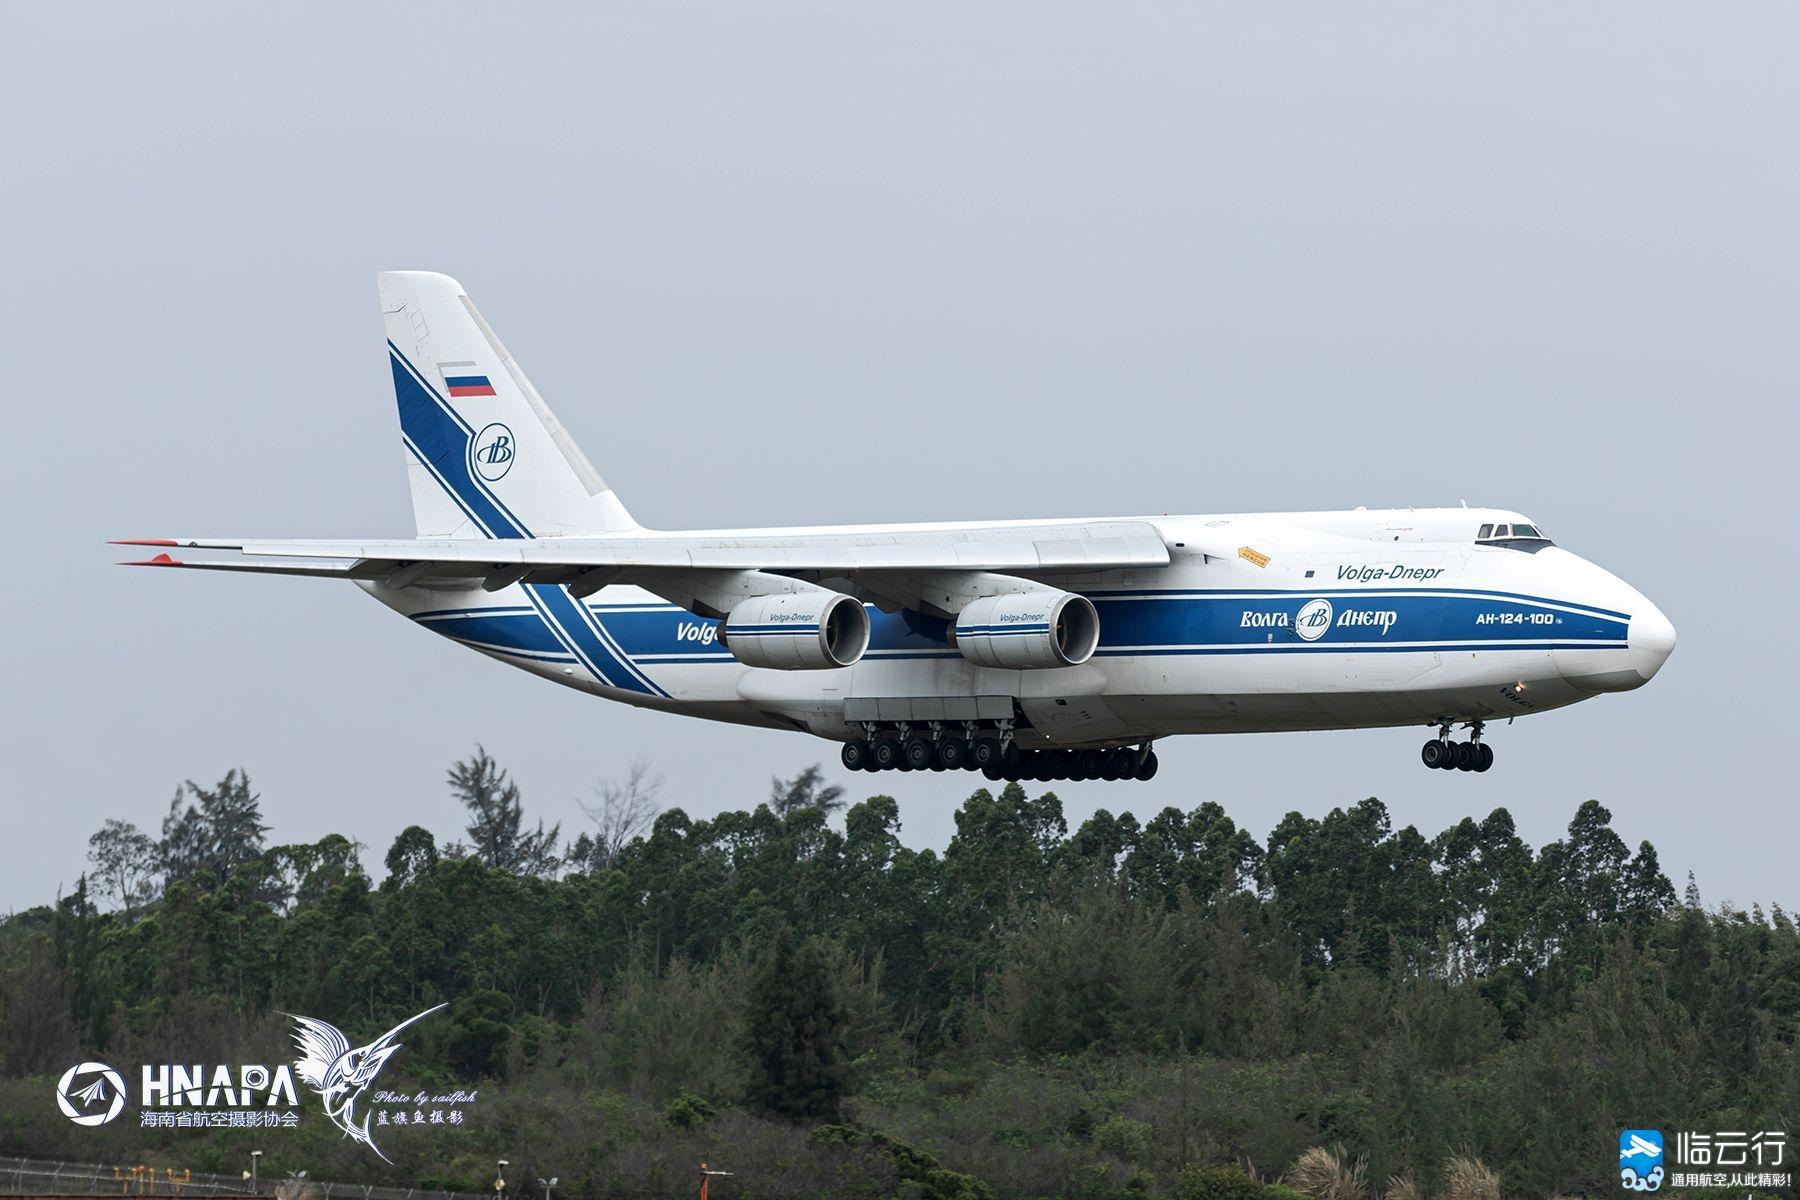 【蓝旗鱼摄影】来自伏尔加-第聂伯河的风[11P] - 临云行 - 安-124,鲁斯兰,伏尔加-第聂伯航空